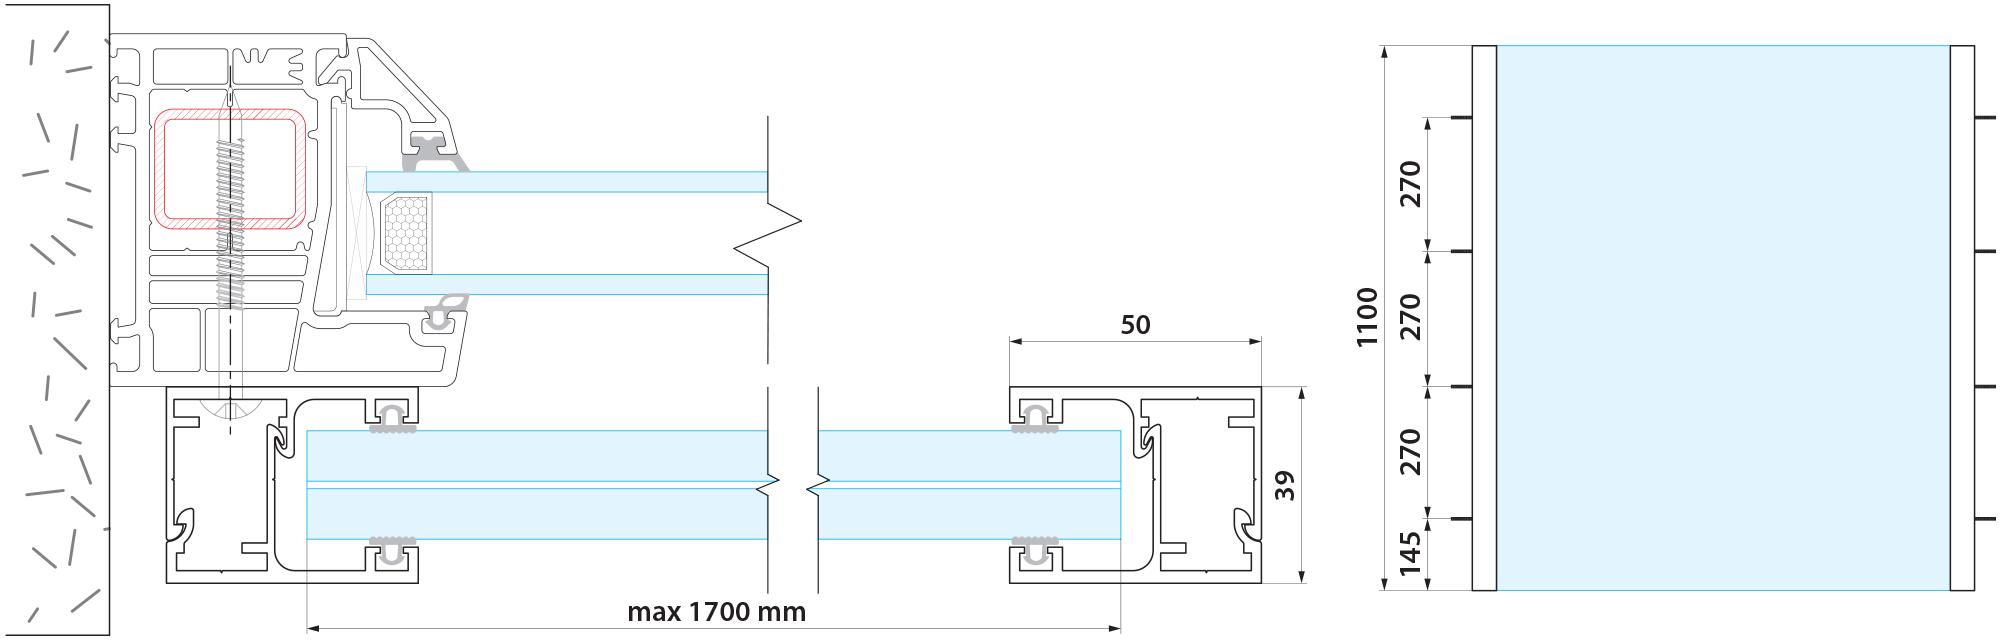 J120 tehnički detalji